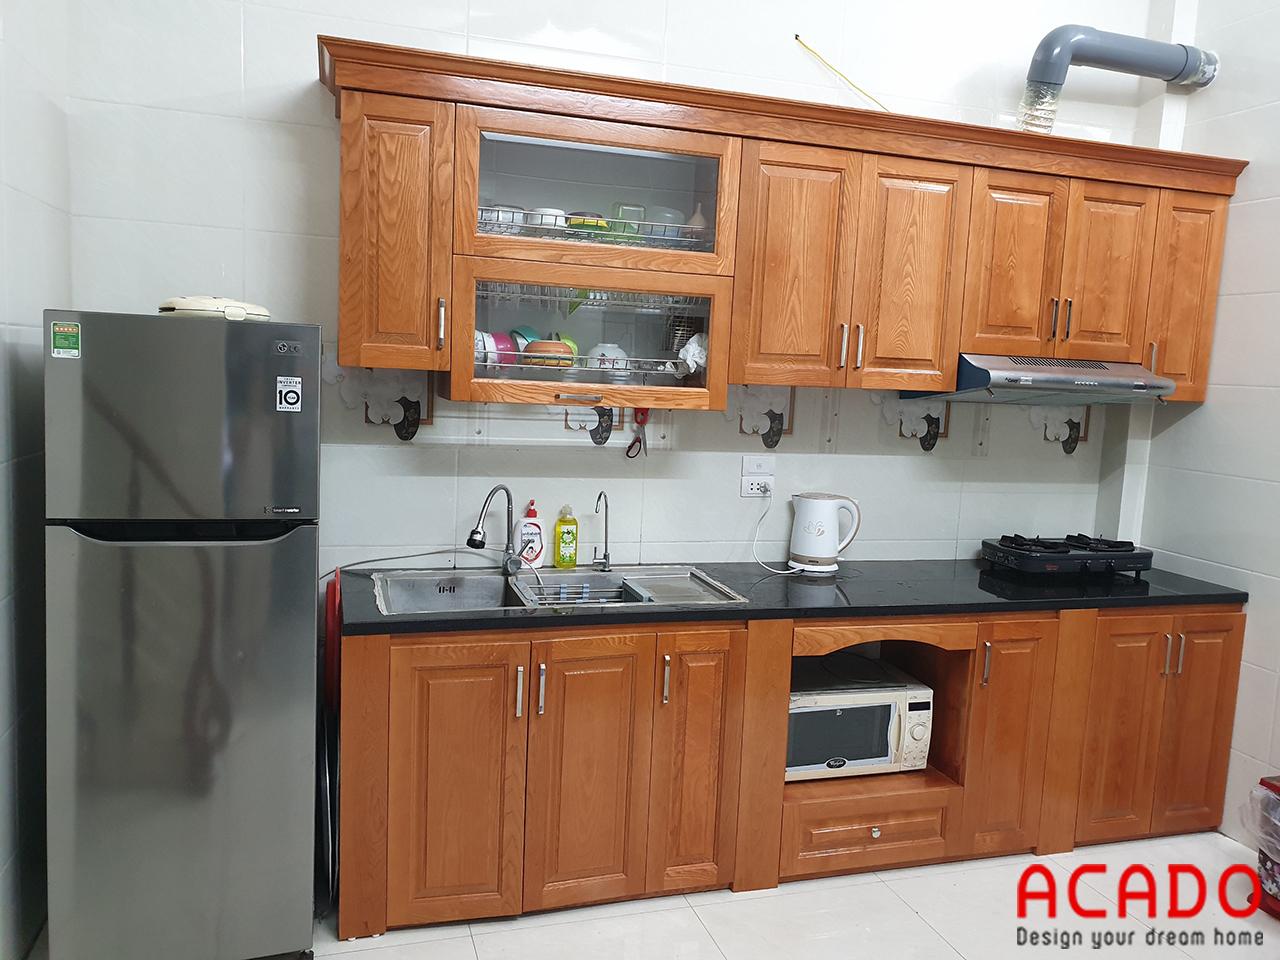 ACADO chuyên thiết kế và thi công tủ bếp uy tín - chất lượng tại hà Nội